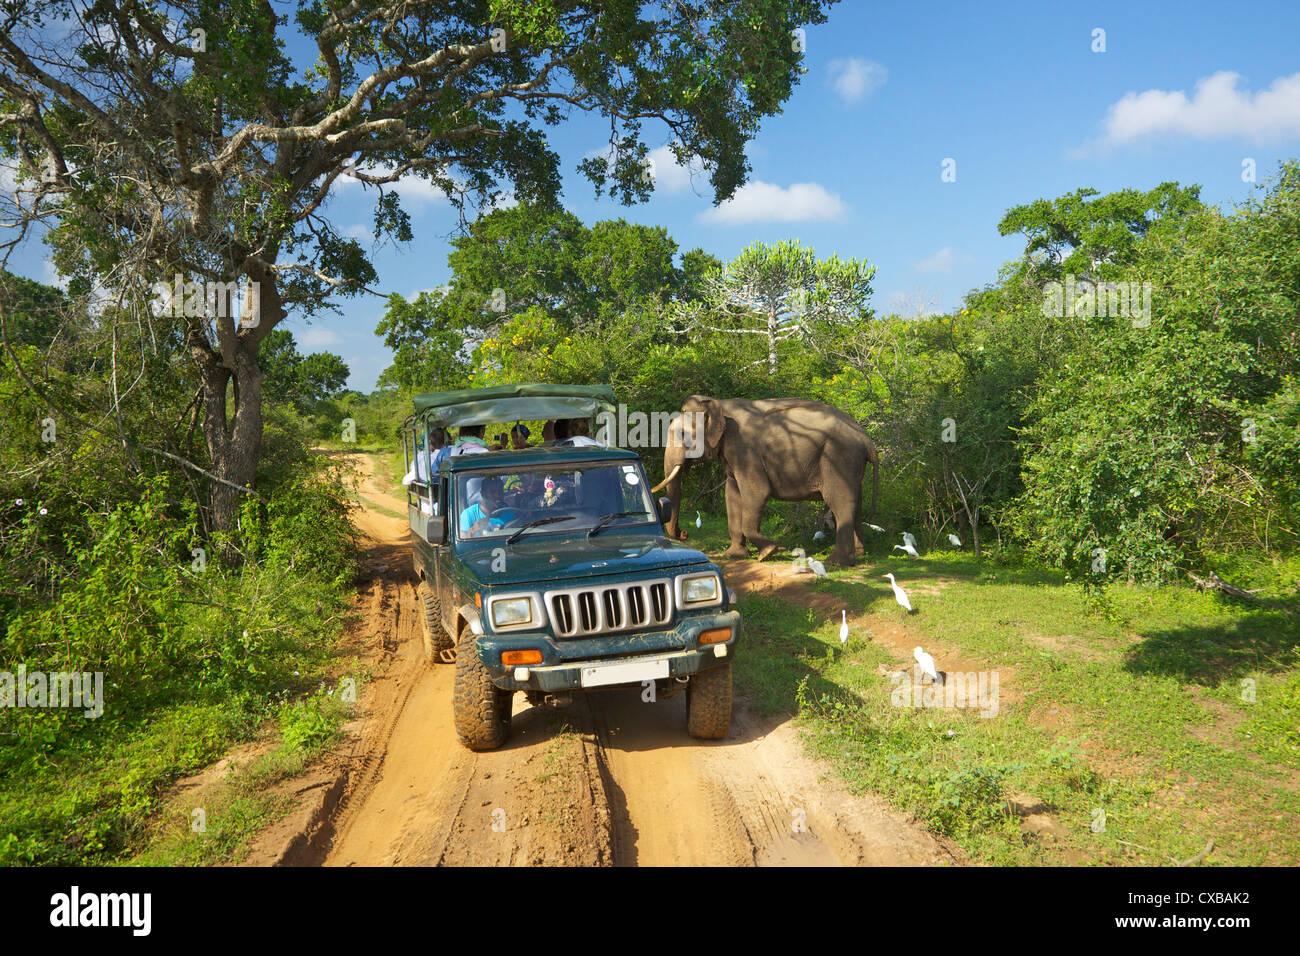 Elephant tusker d'Asie (Elephas maximus maximus), à proximité de touristes en jeep, parc national Photo Stock